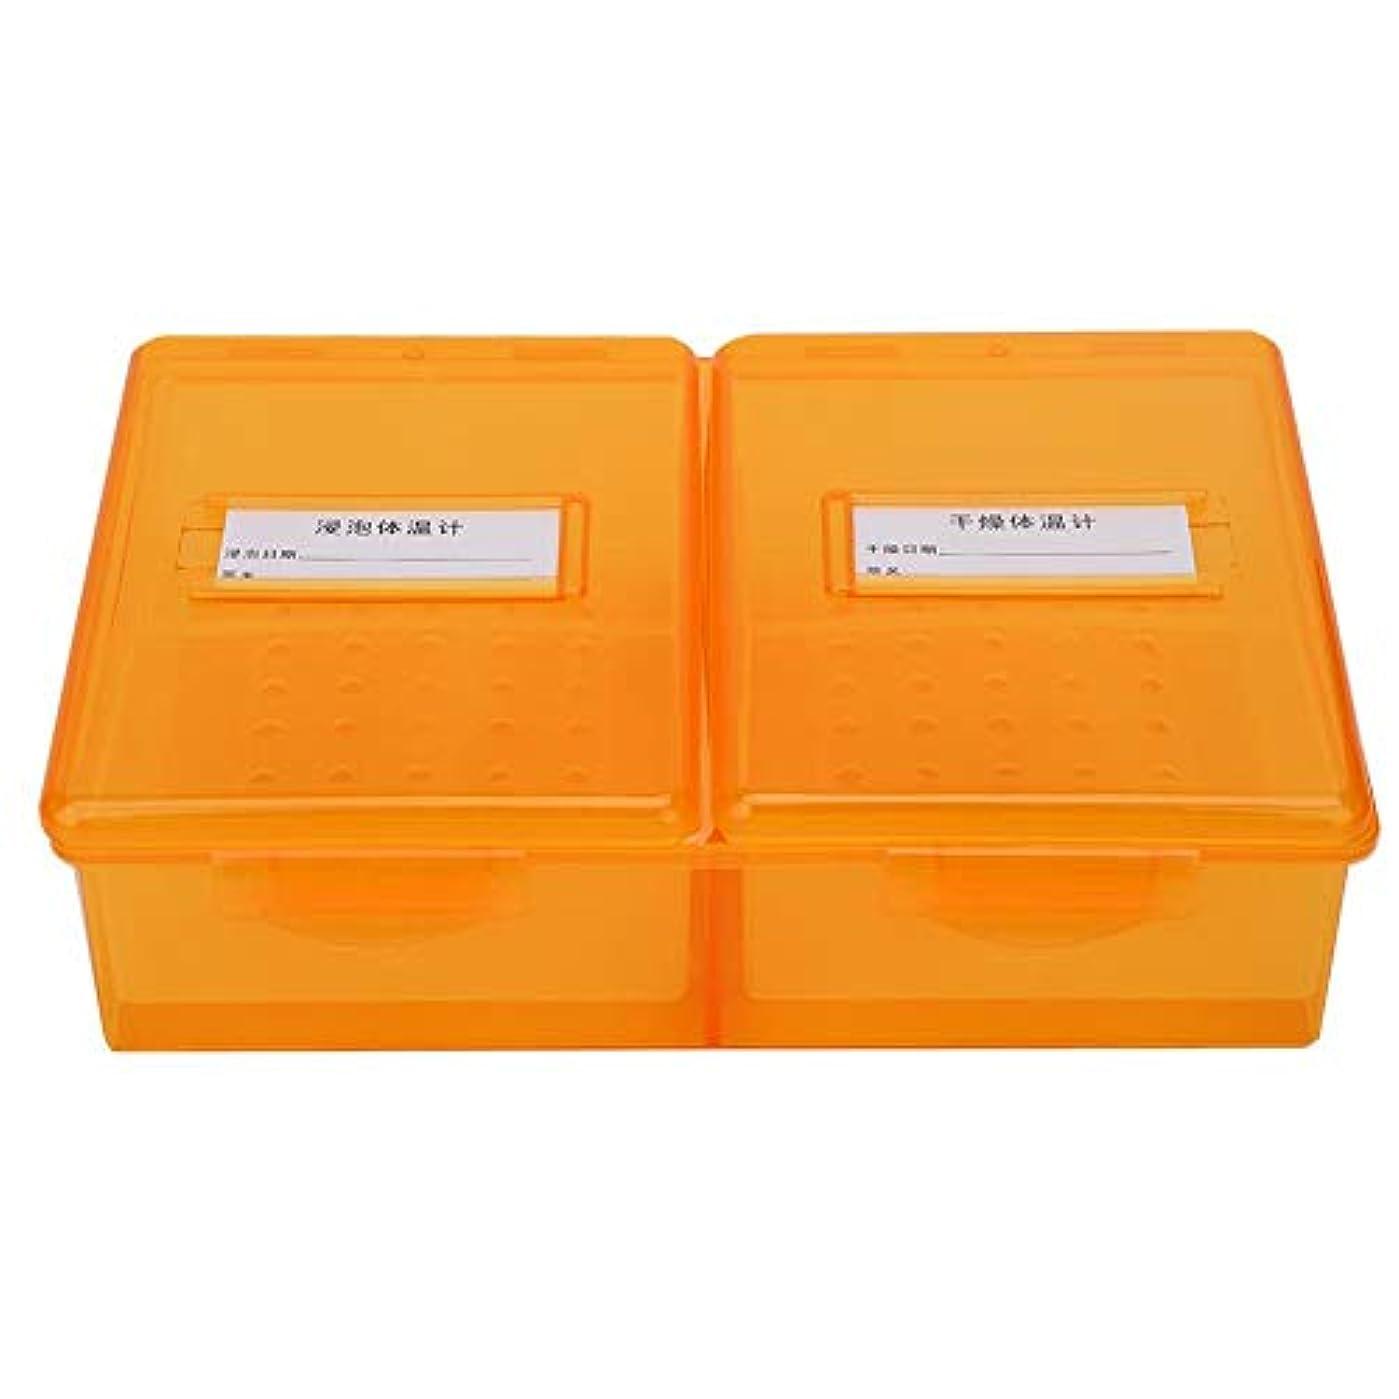 病的こだわりアラビア語滅菌ケース、多機能ピンセットネイルツール滅菌ボックス(オレンジ)